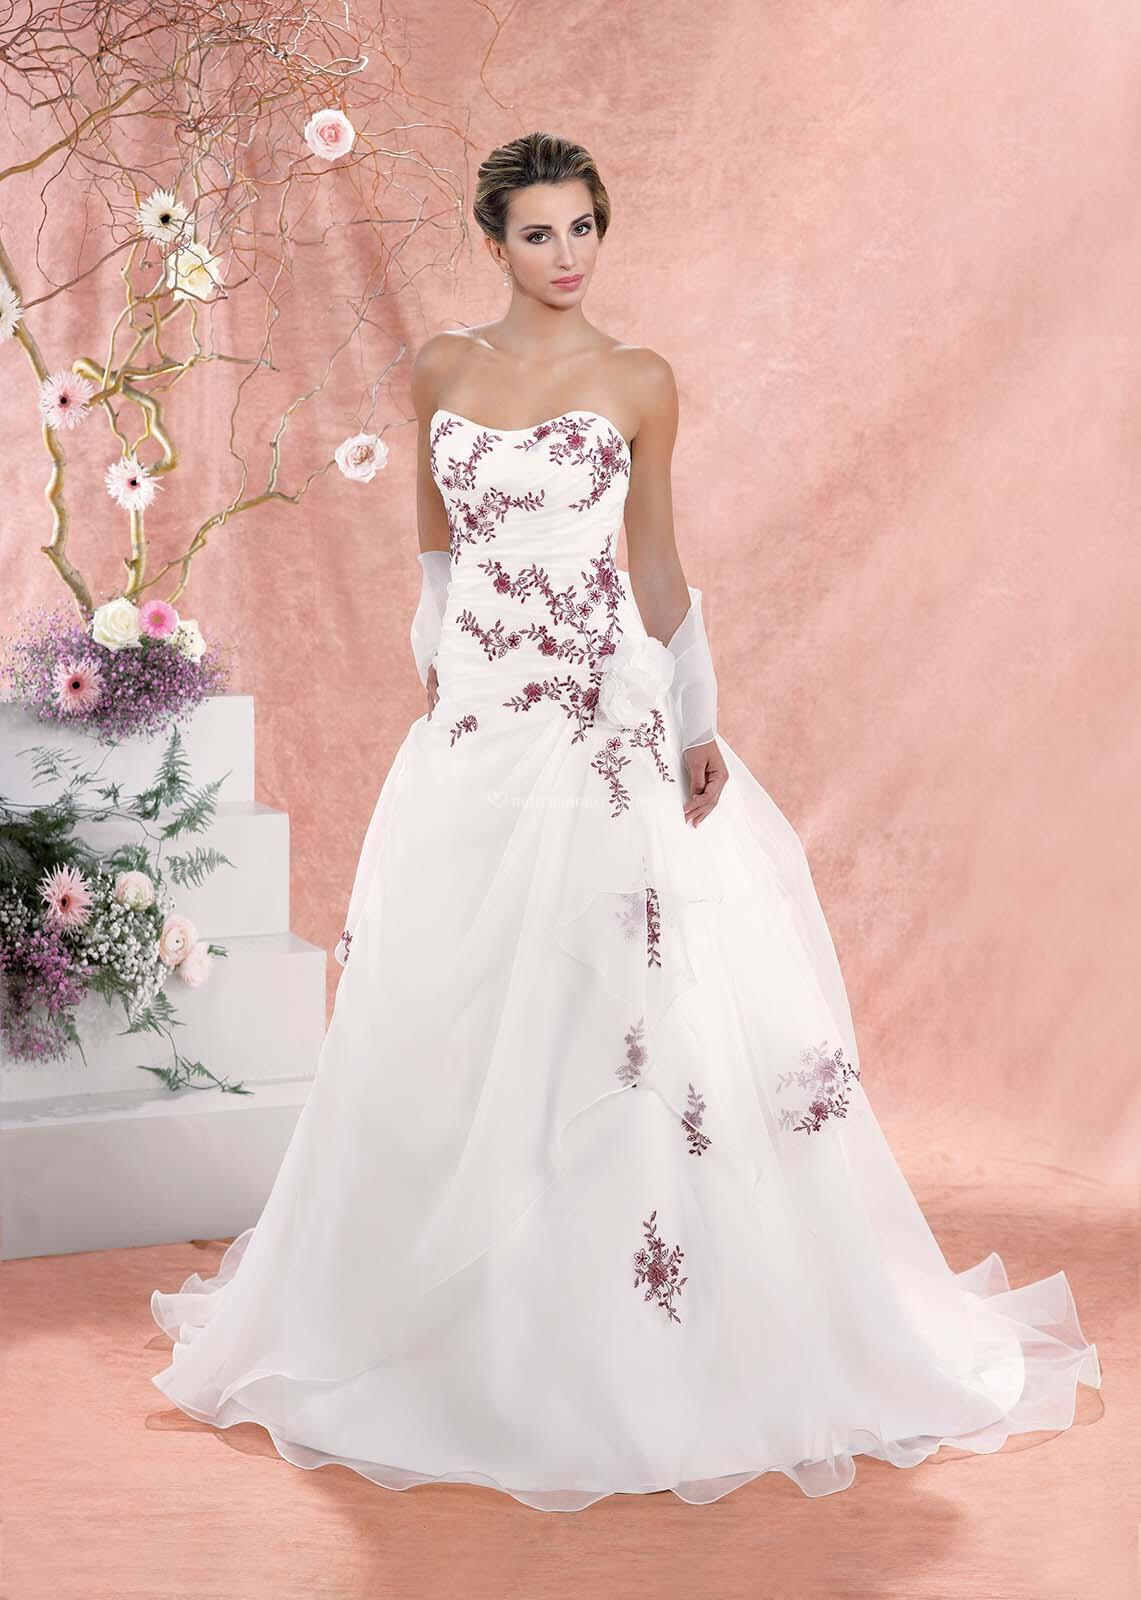 Lujoso Vestido Novia Griego Festooning - Colección de Vestidos de ...